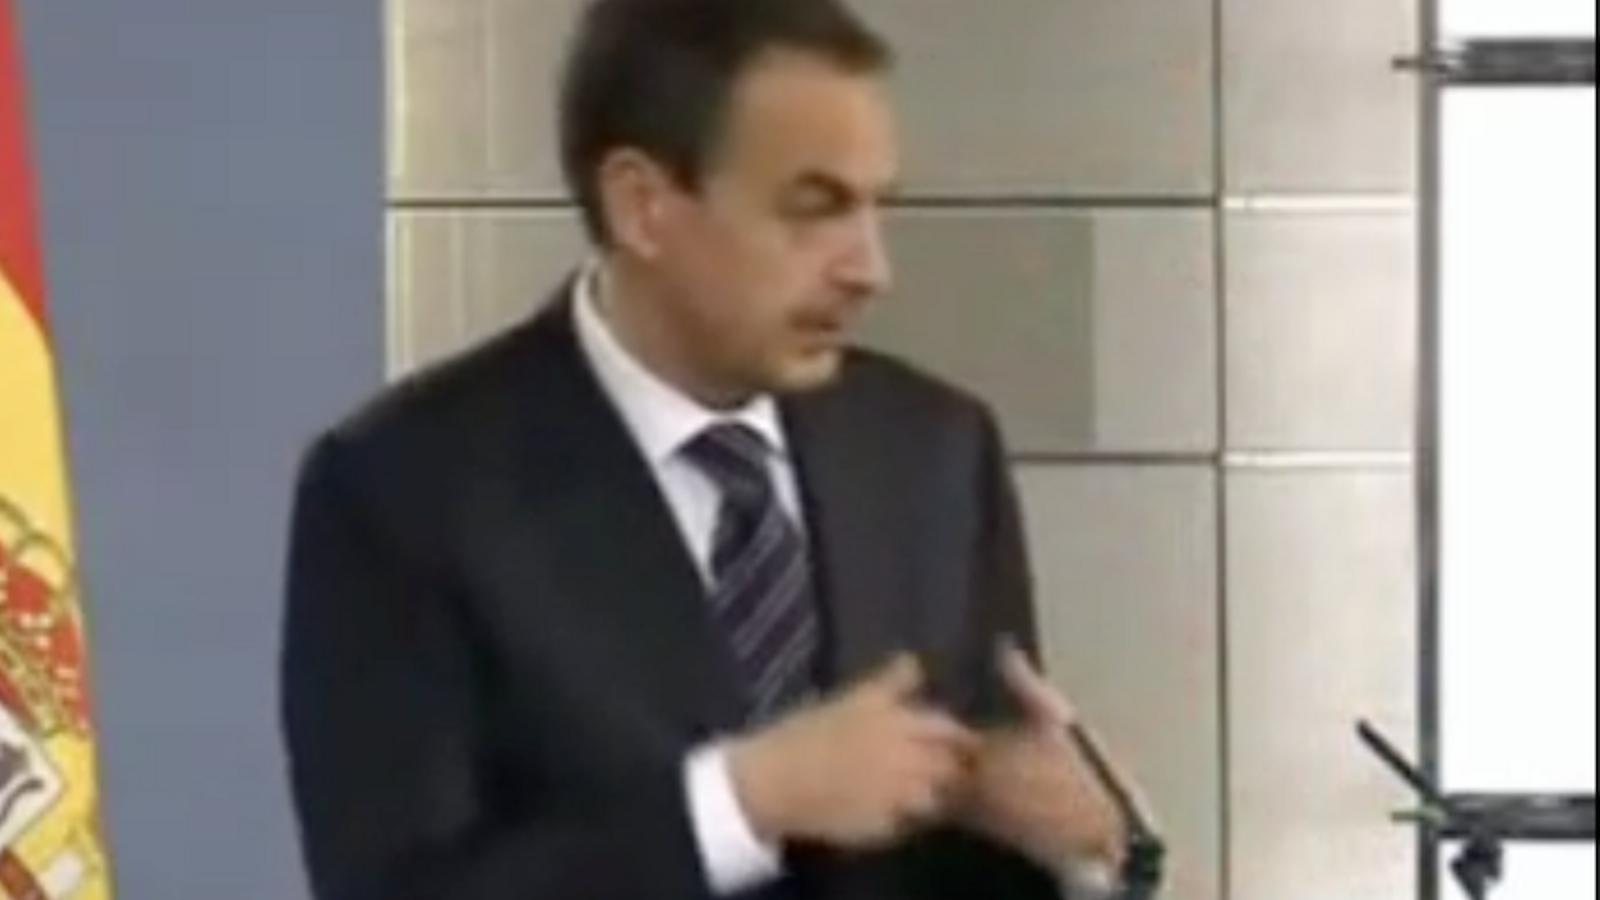 El lapsus de Zapatero: 'follar' en lloc d''apoyar'